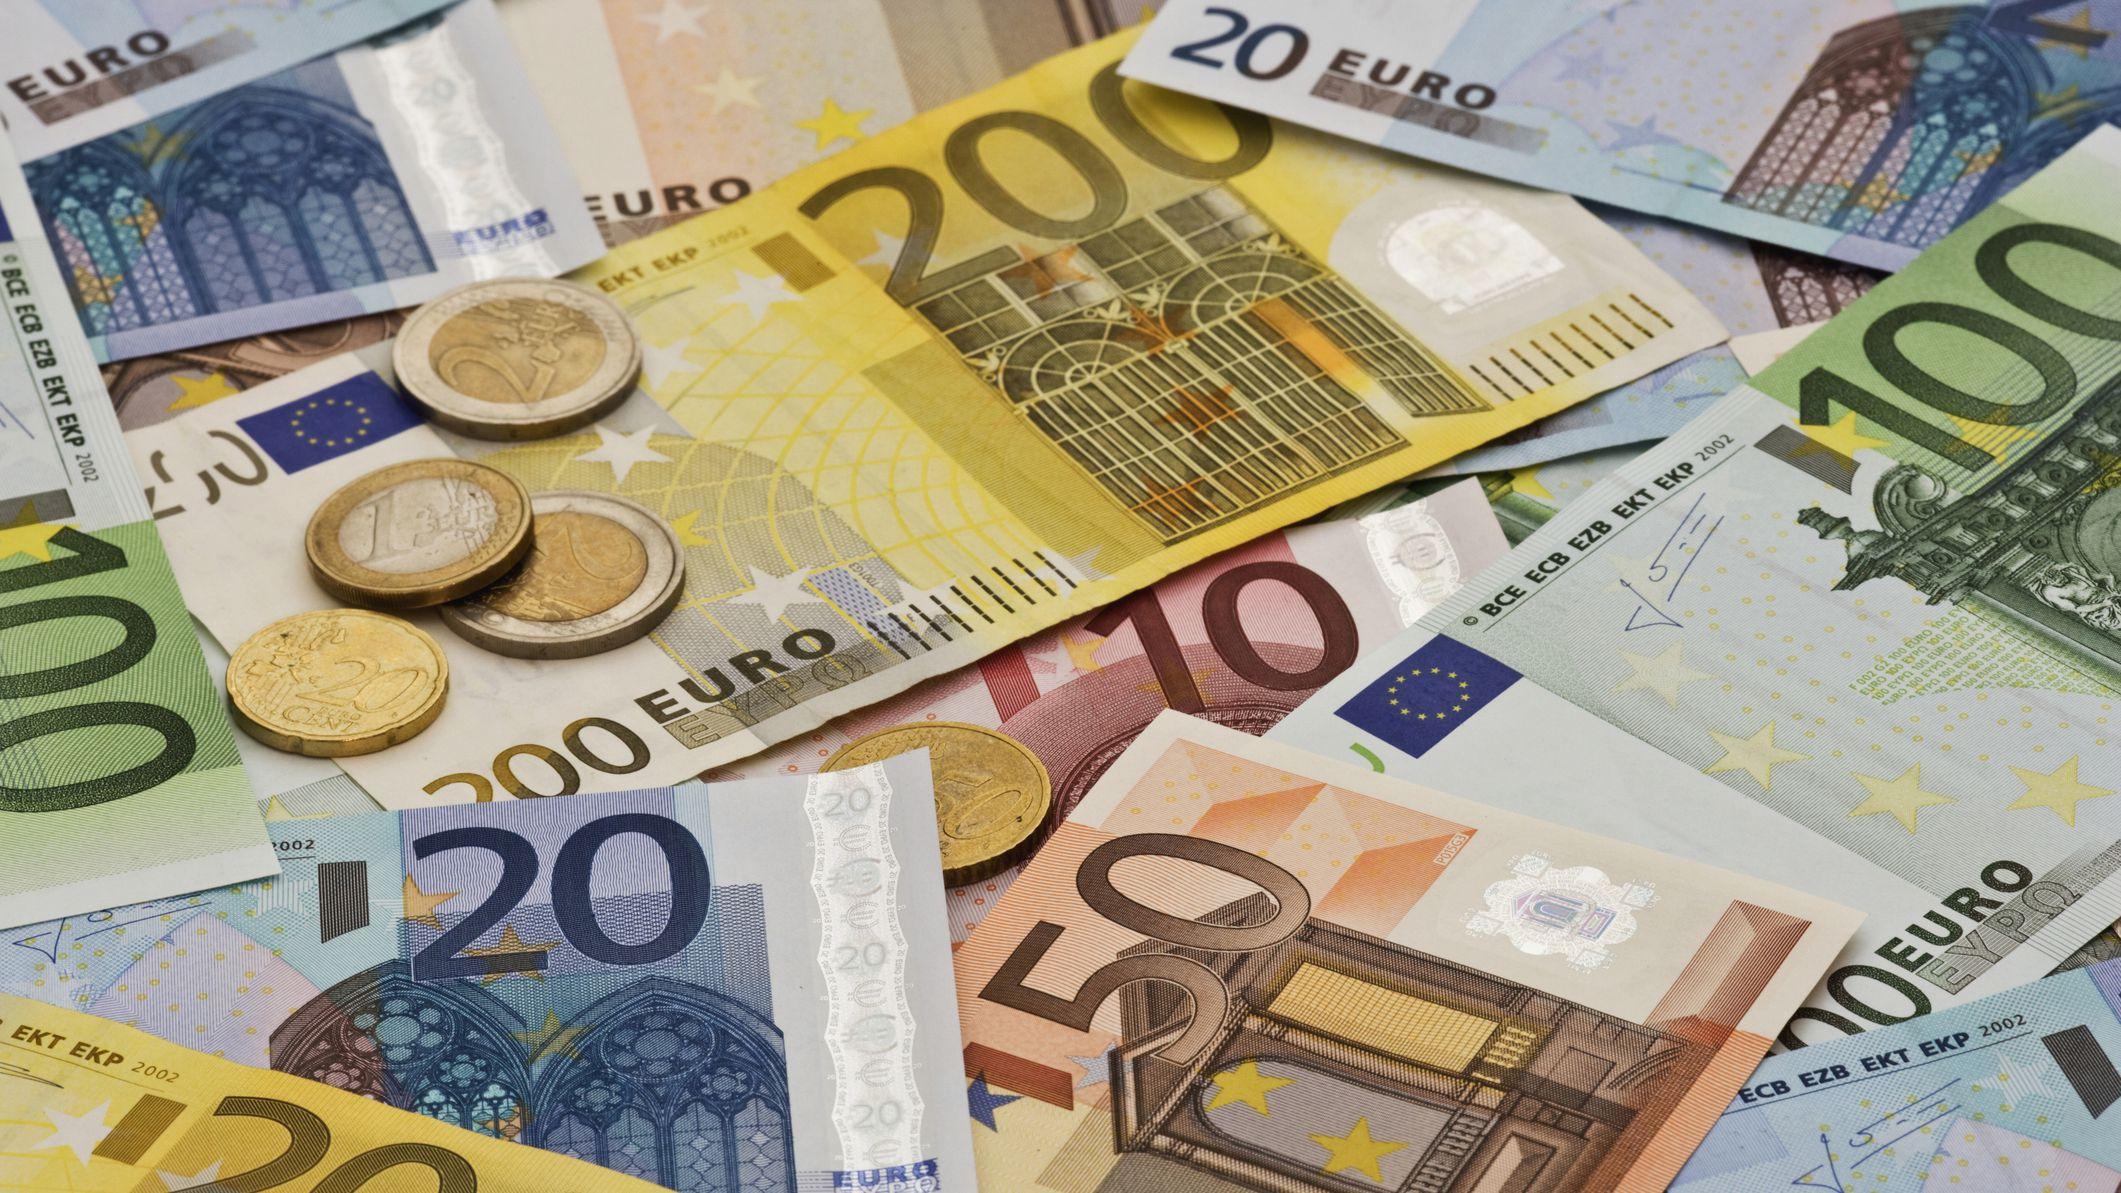 Curs valutar 7 aprilie 2021. Ce se întâmplă cu moneda euro azi